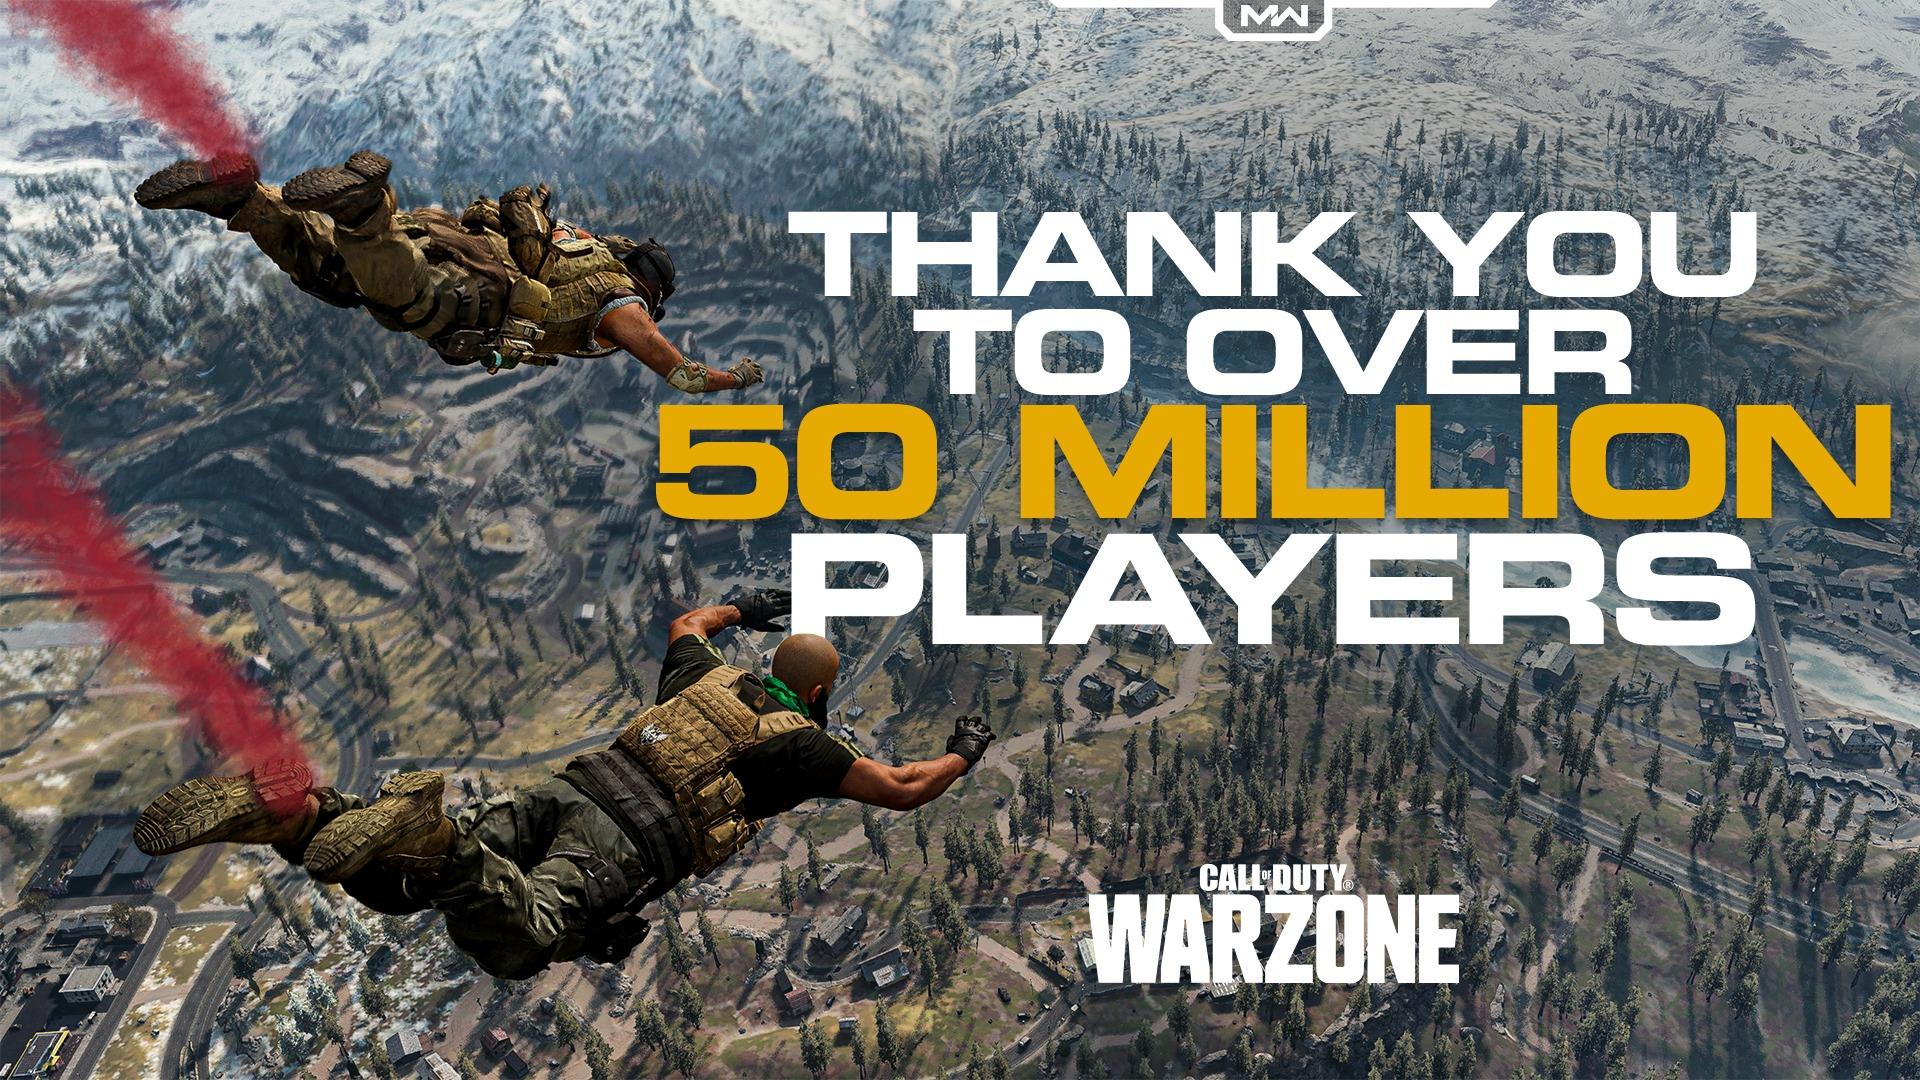 Call of Duty: Warzone преодолела отметку в 50 миллионов игроков